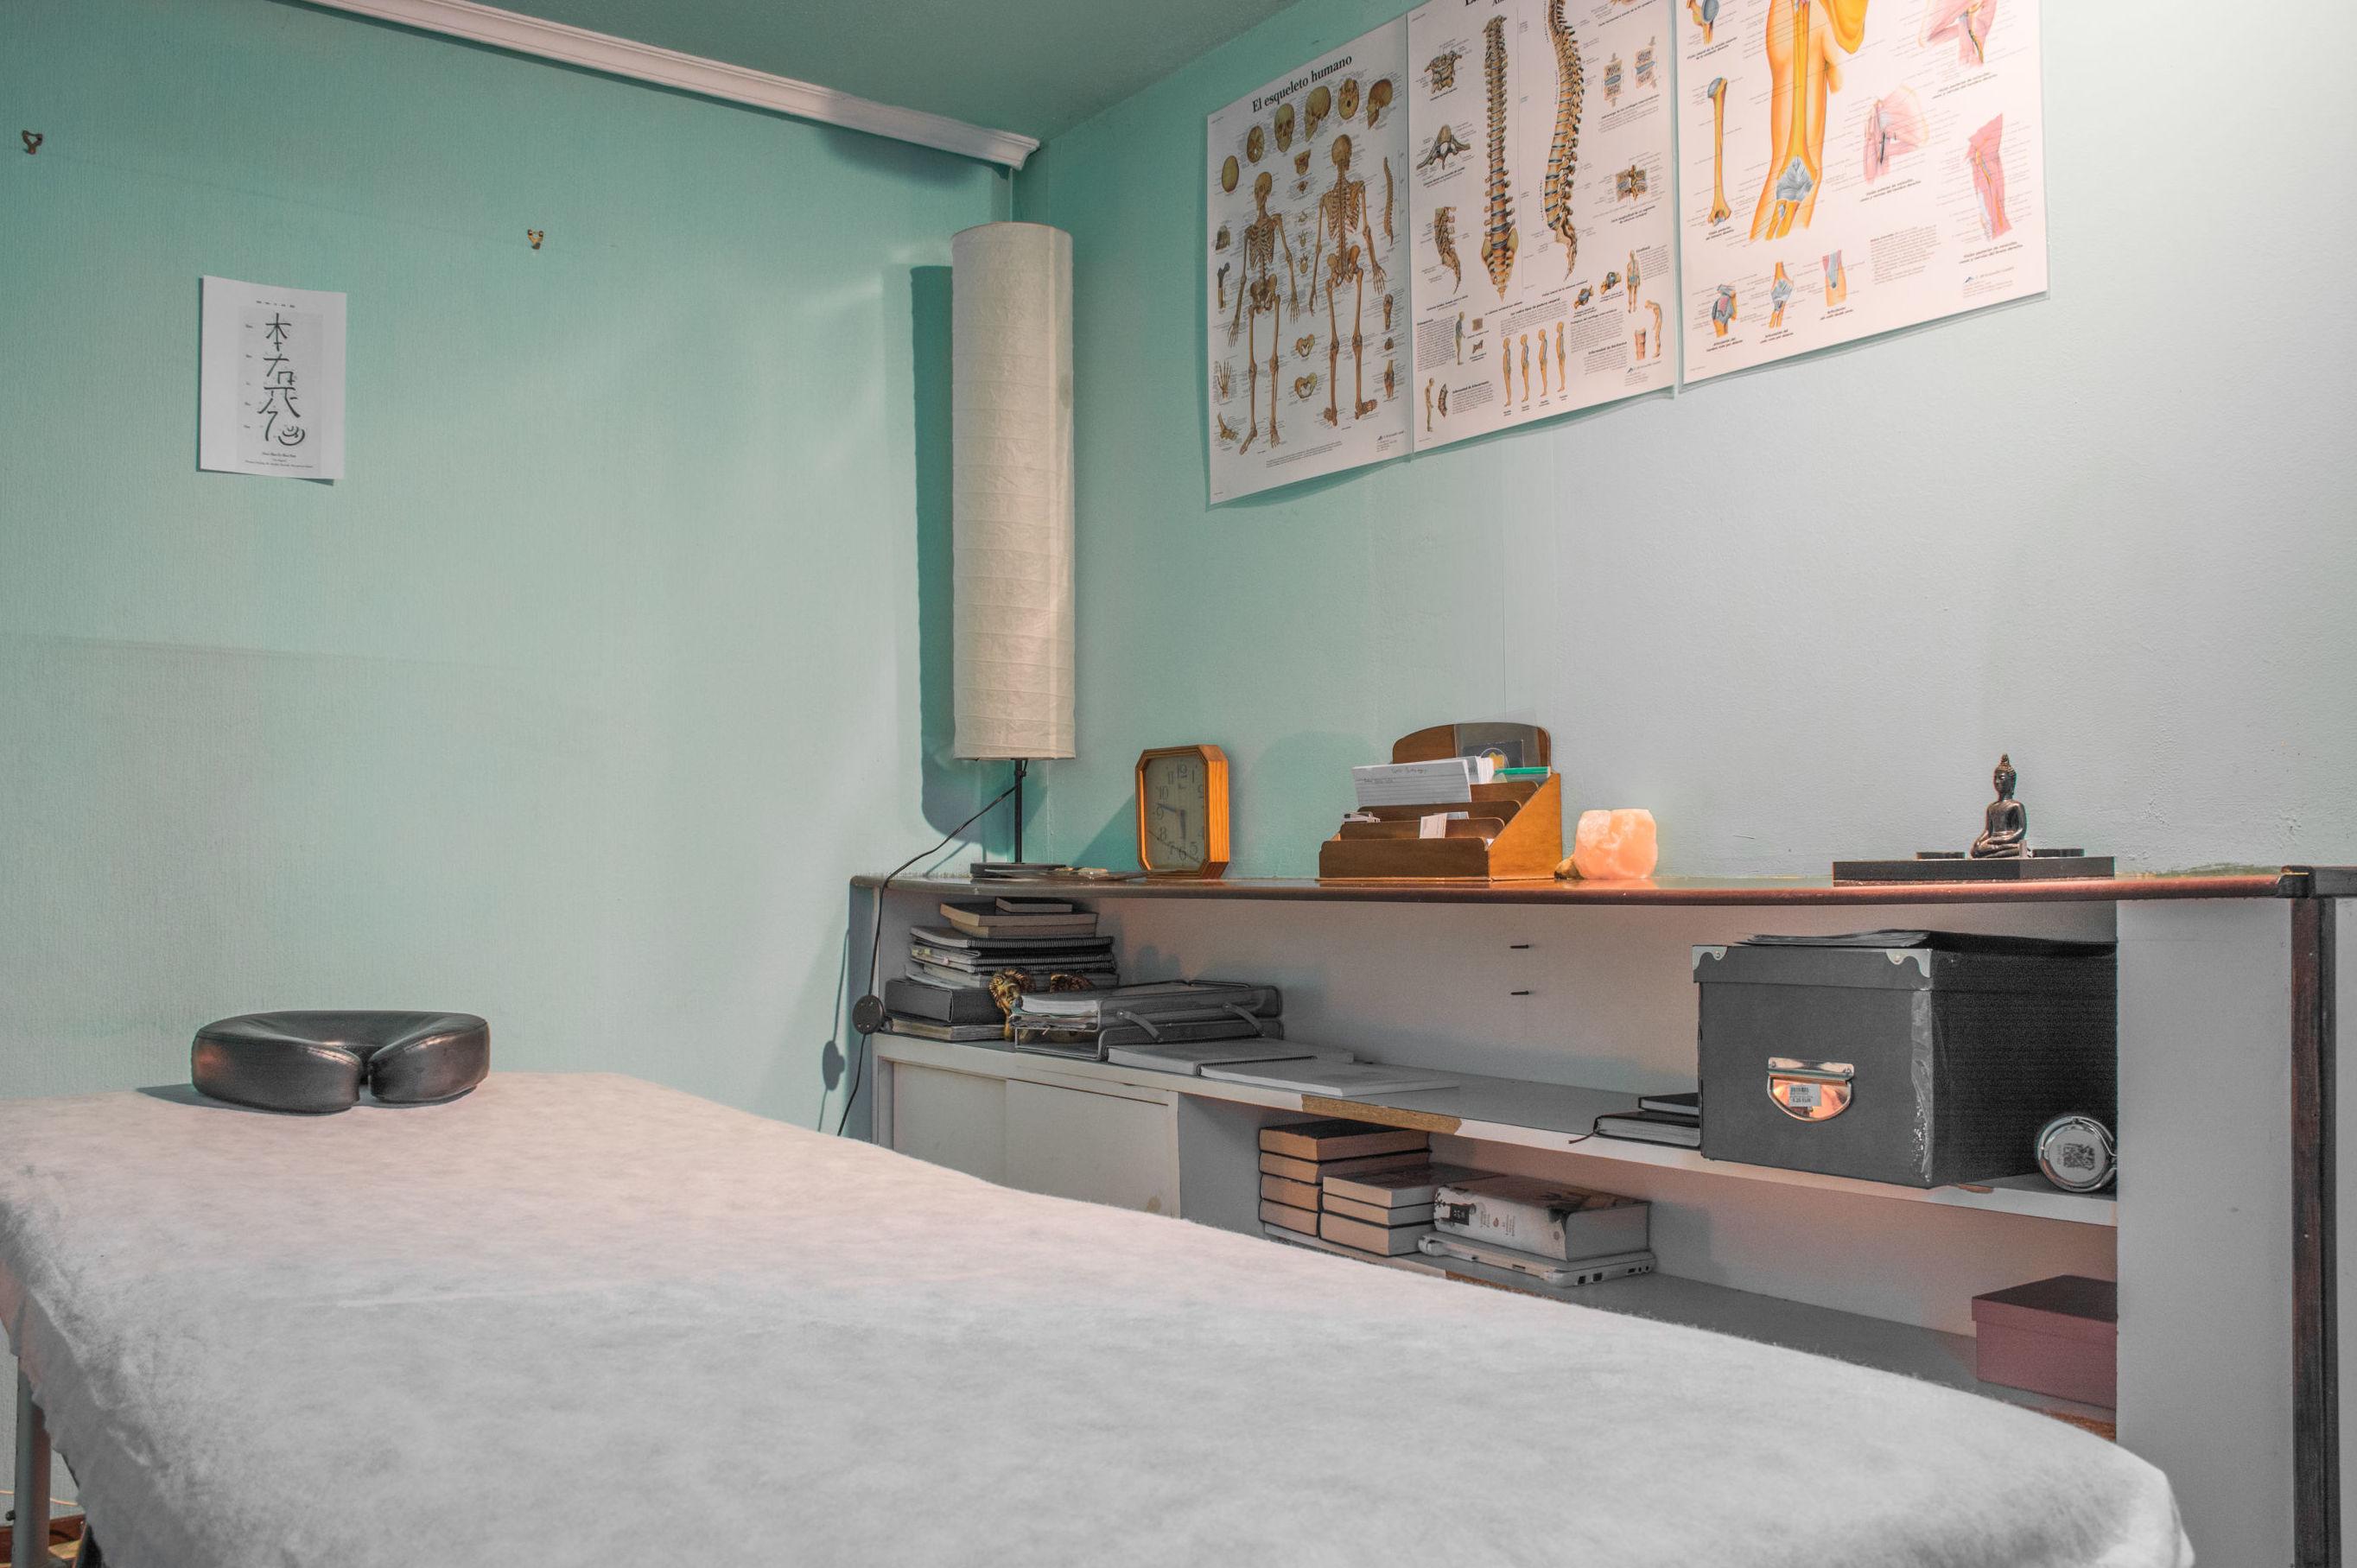 Foto 7 de Terapias manuales en A Coruña | Oinos Centro de Terapia